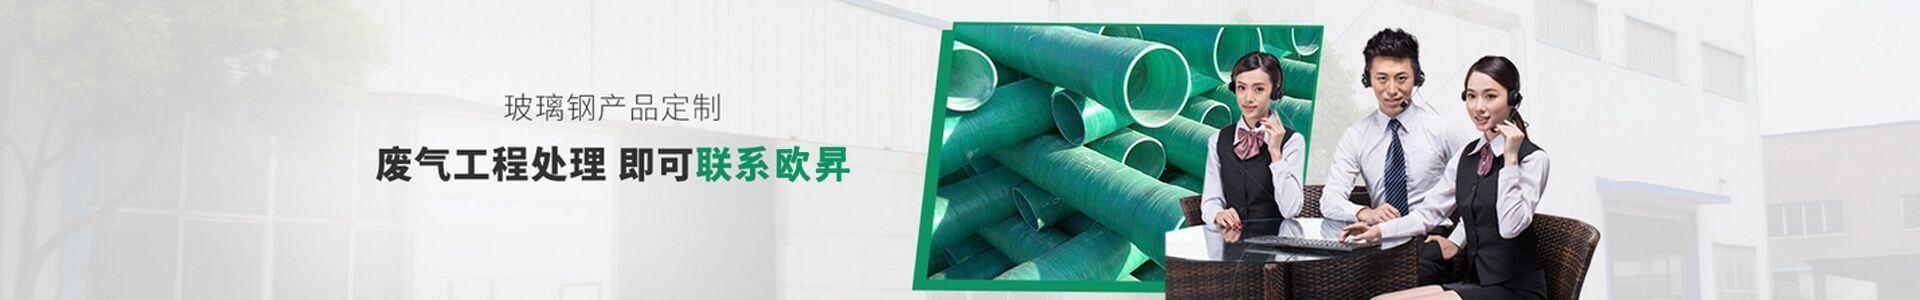 玻璃钢产品定制 废气工程处理 即可联系欧昇